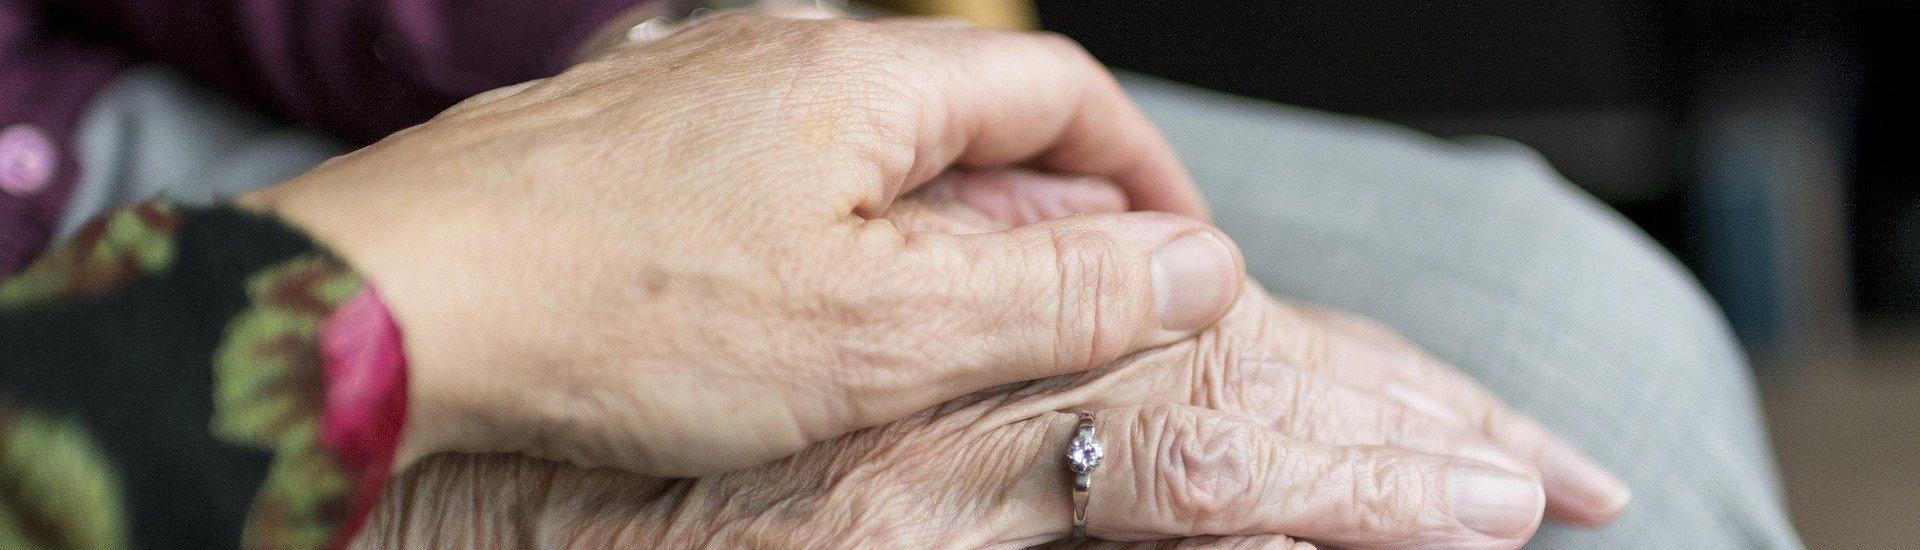 Foto: Hände von Senioren in der Betreuung